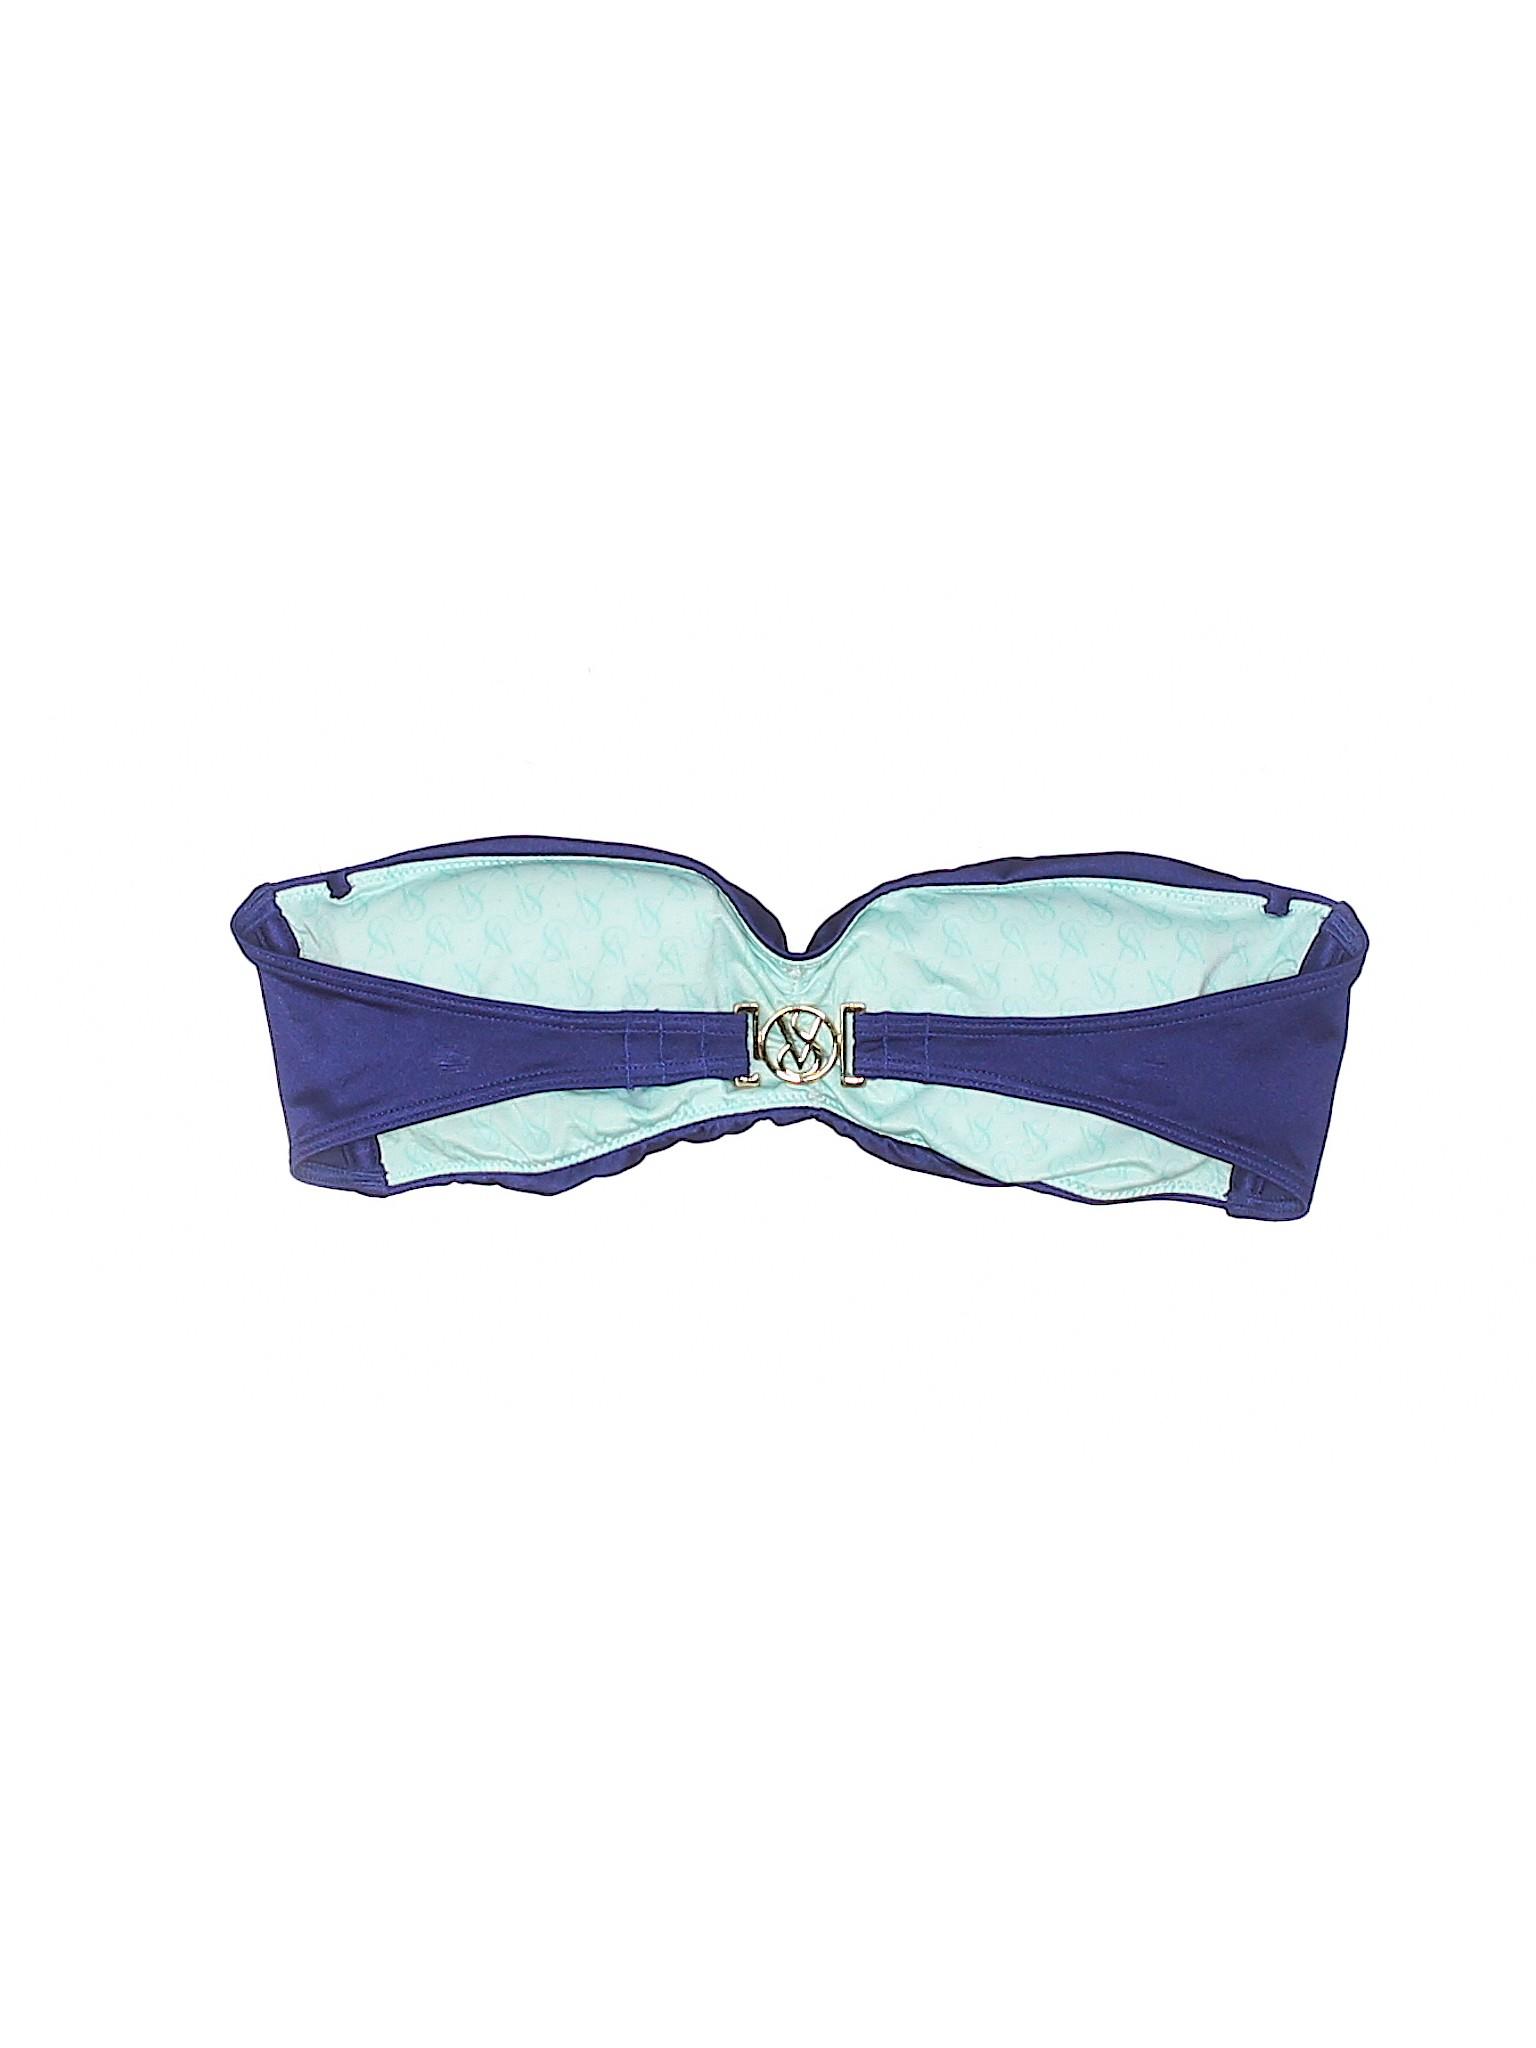 Swimsuit Secret Victoria's Boutique Top Swimsuit Boutique Top Boutique Secret Victoria's YwAq8UI